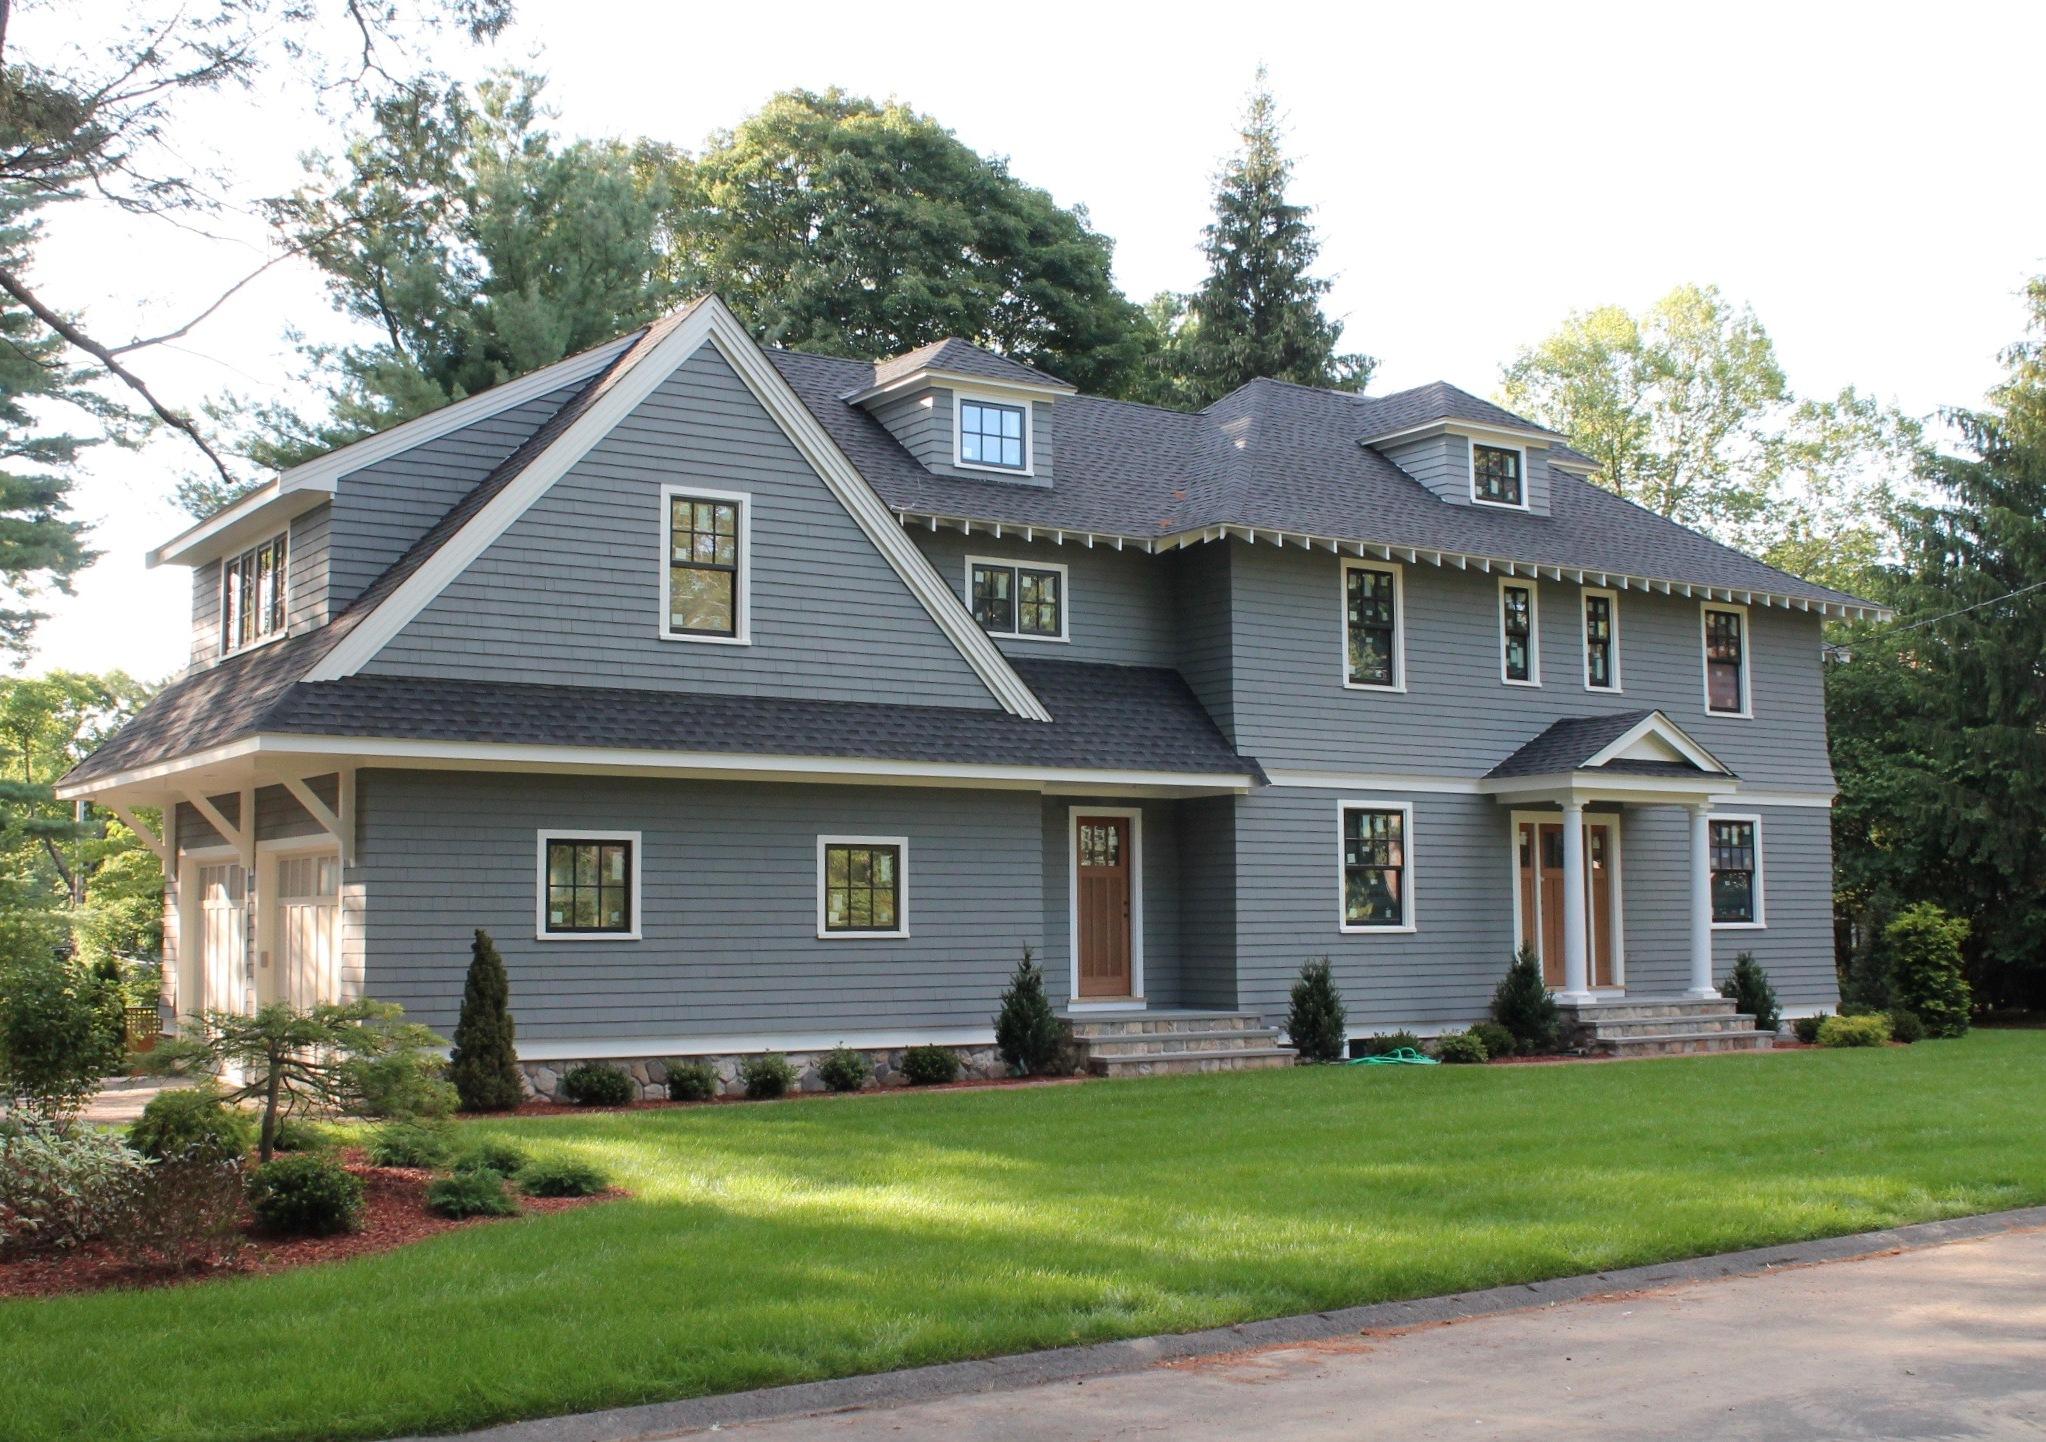 Частный односемейный дом для того Продажа на Munroe Hill! 5 Washington Street Lexington, Массачусетс, 02421 Соединенные Штаты